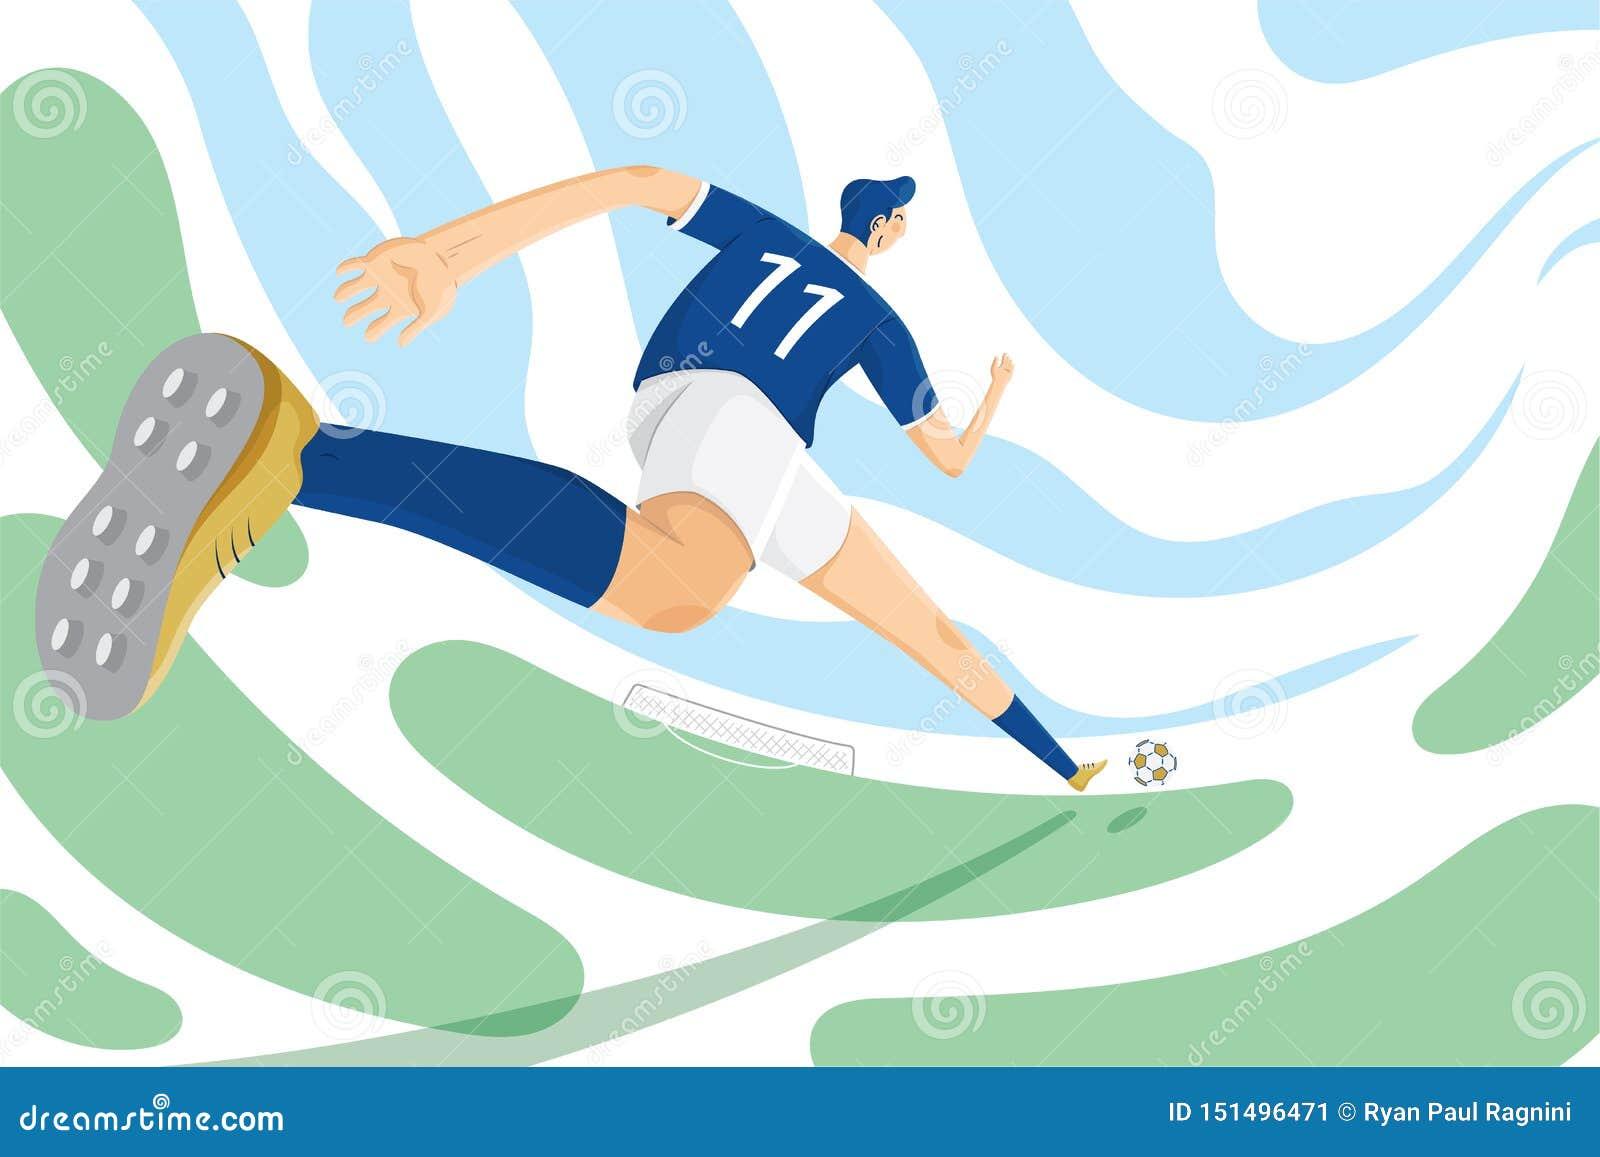 Ejemplo del entrenamiento técnico del deporte del fútbol